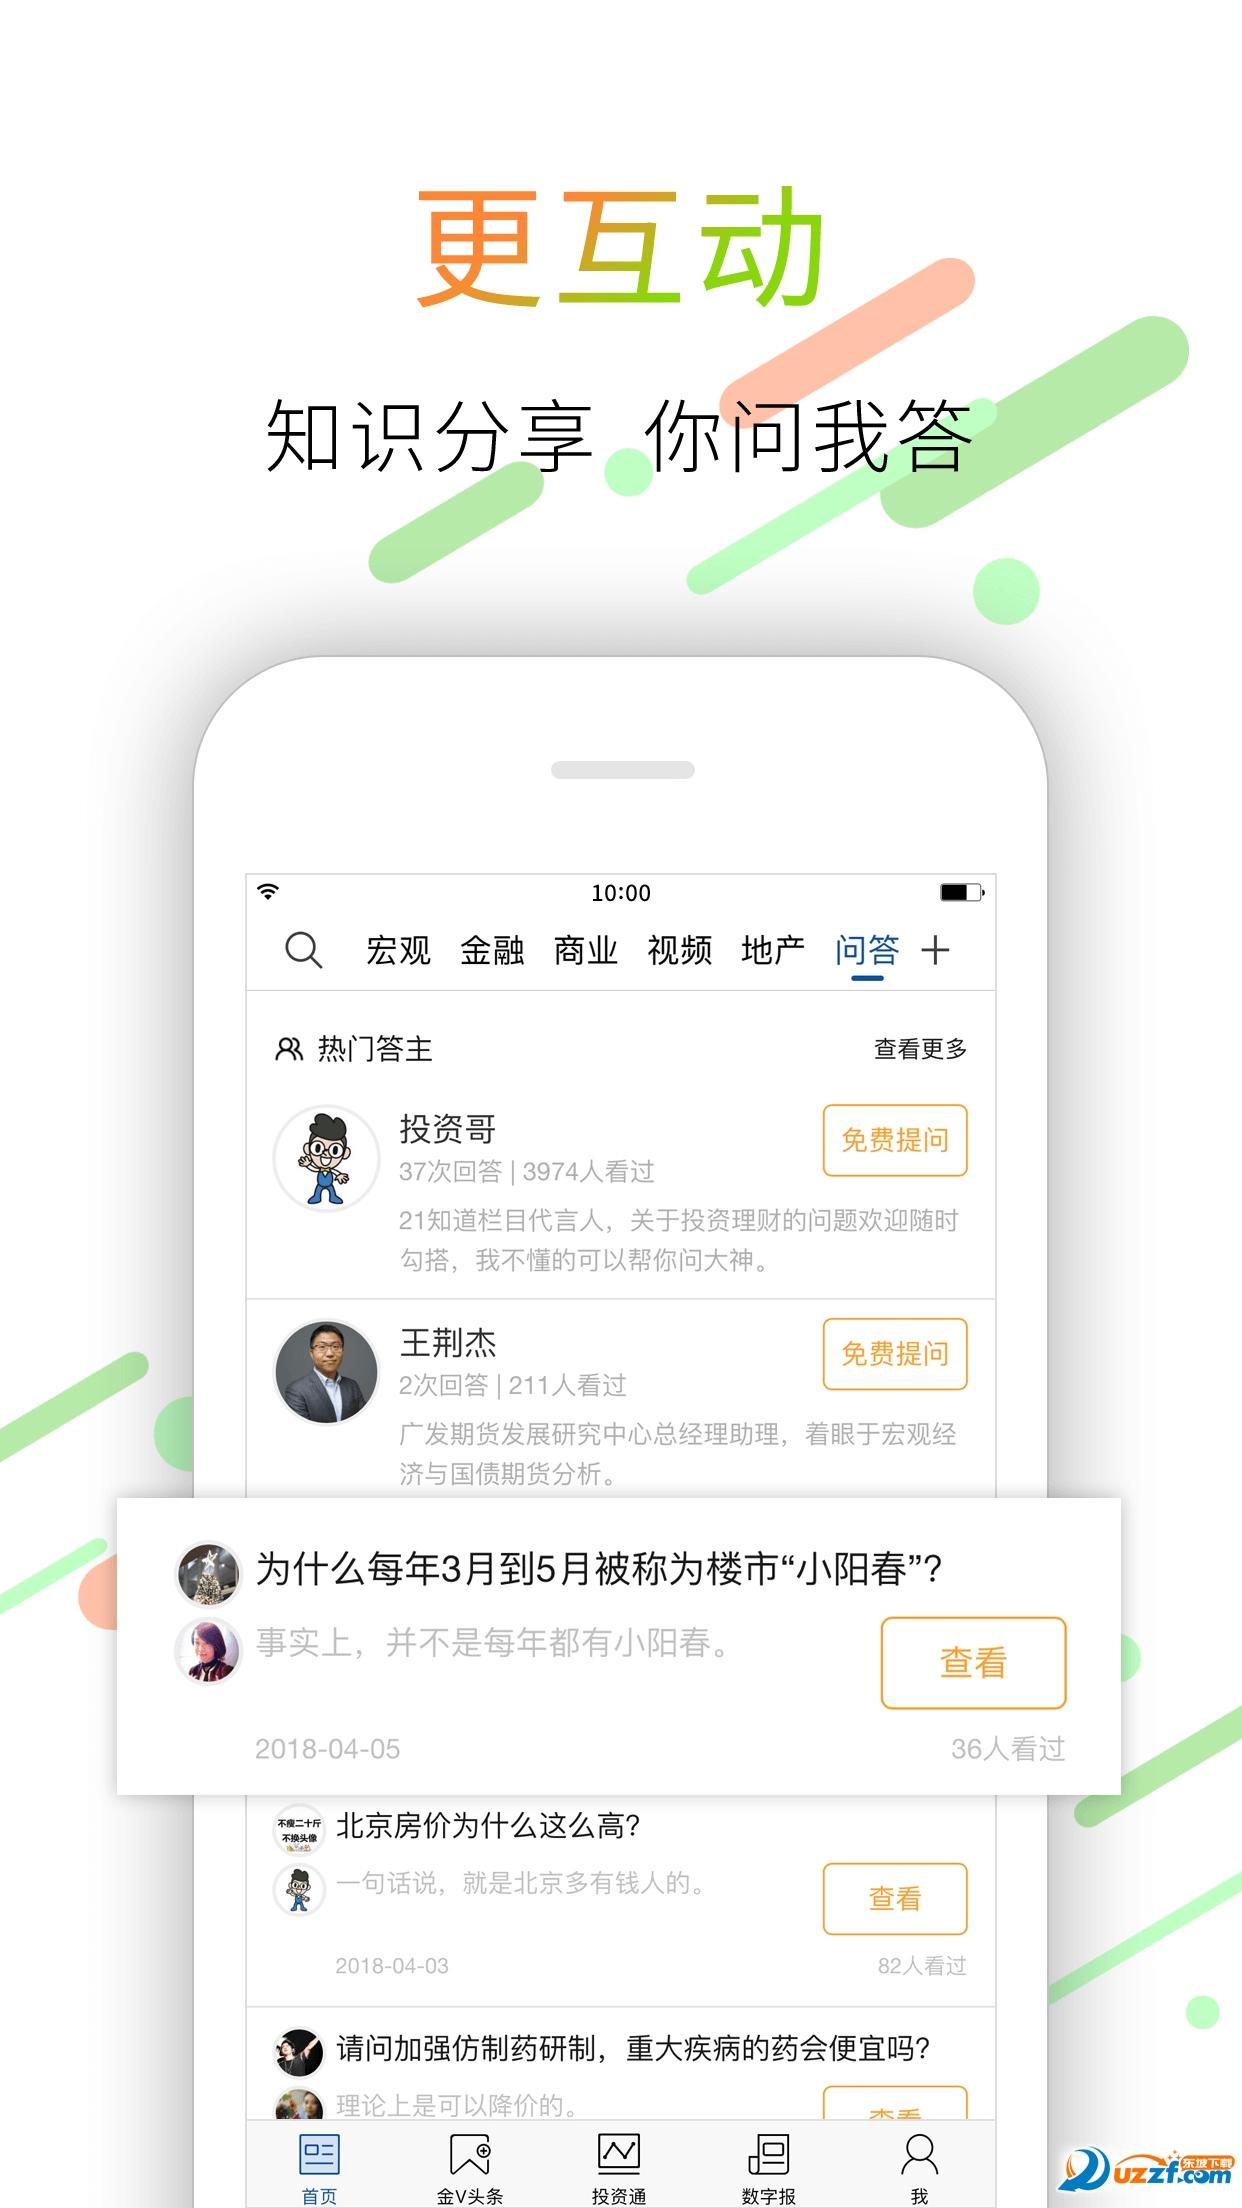 21财经app截图